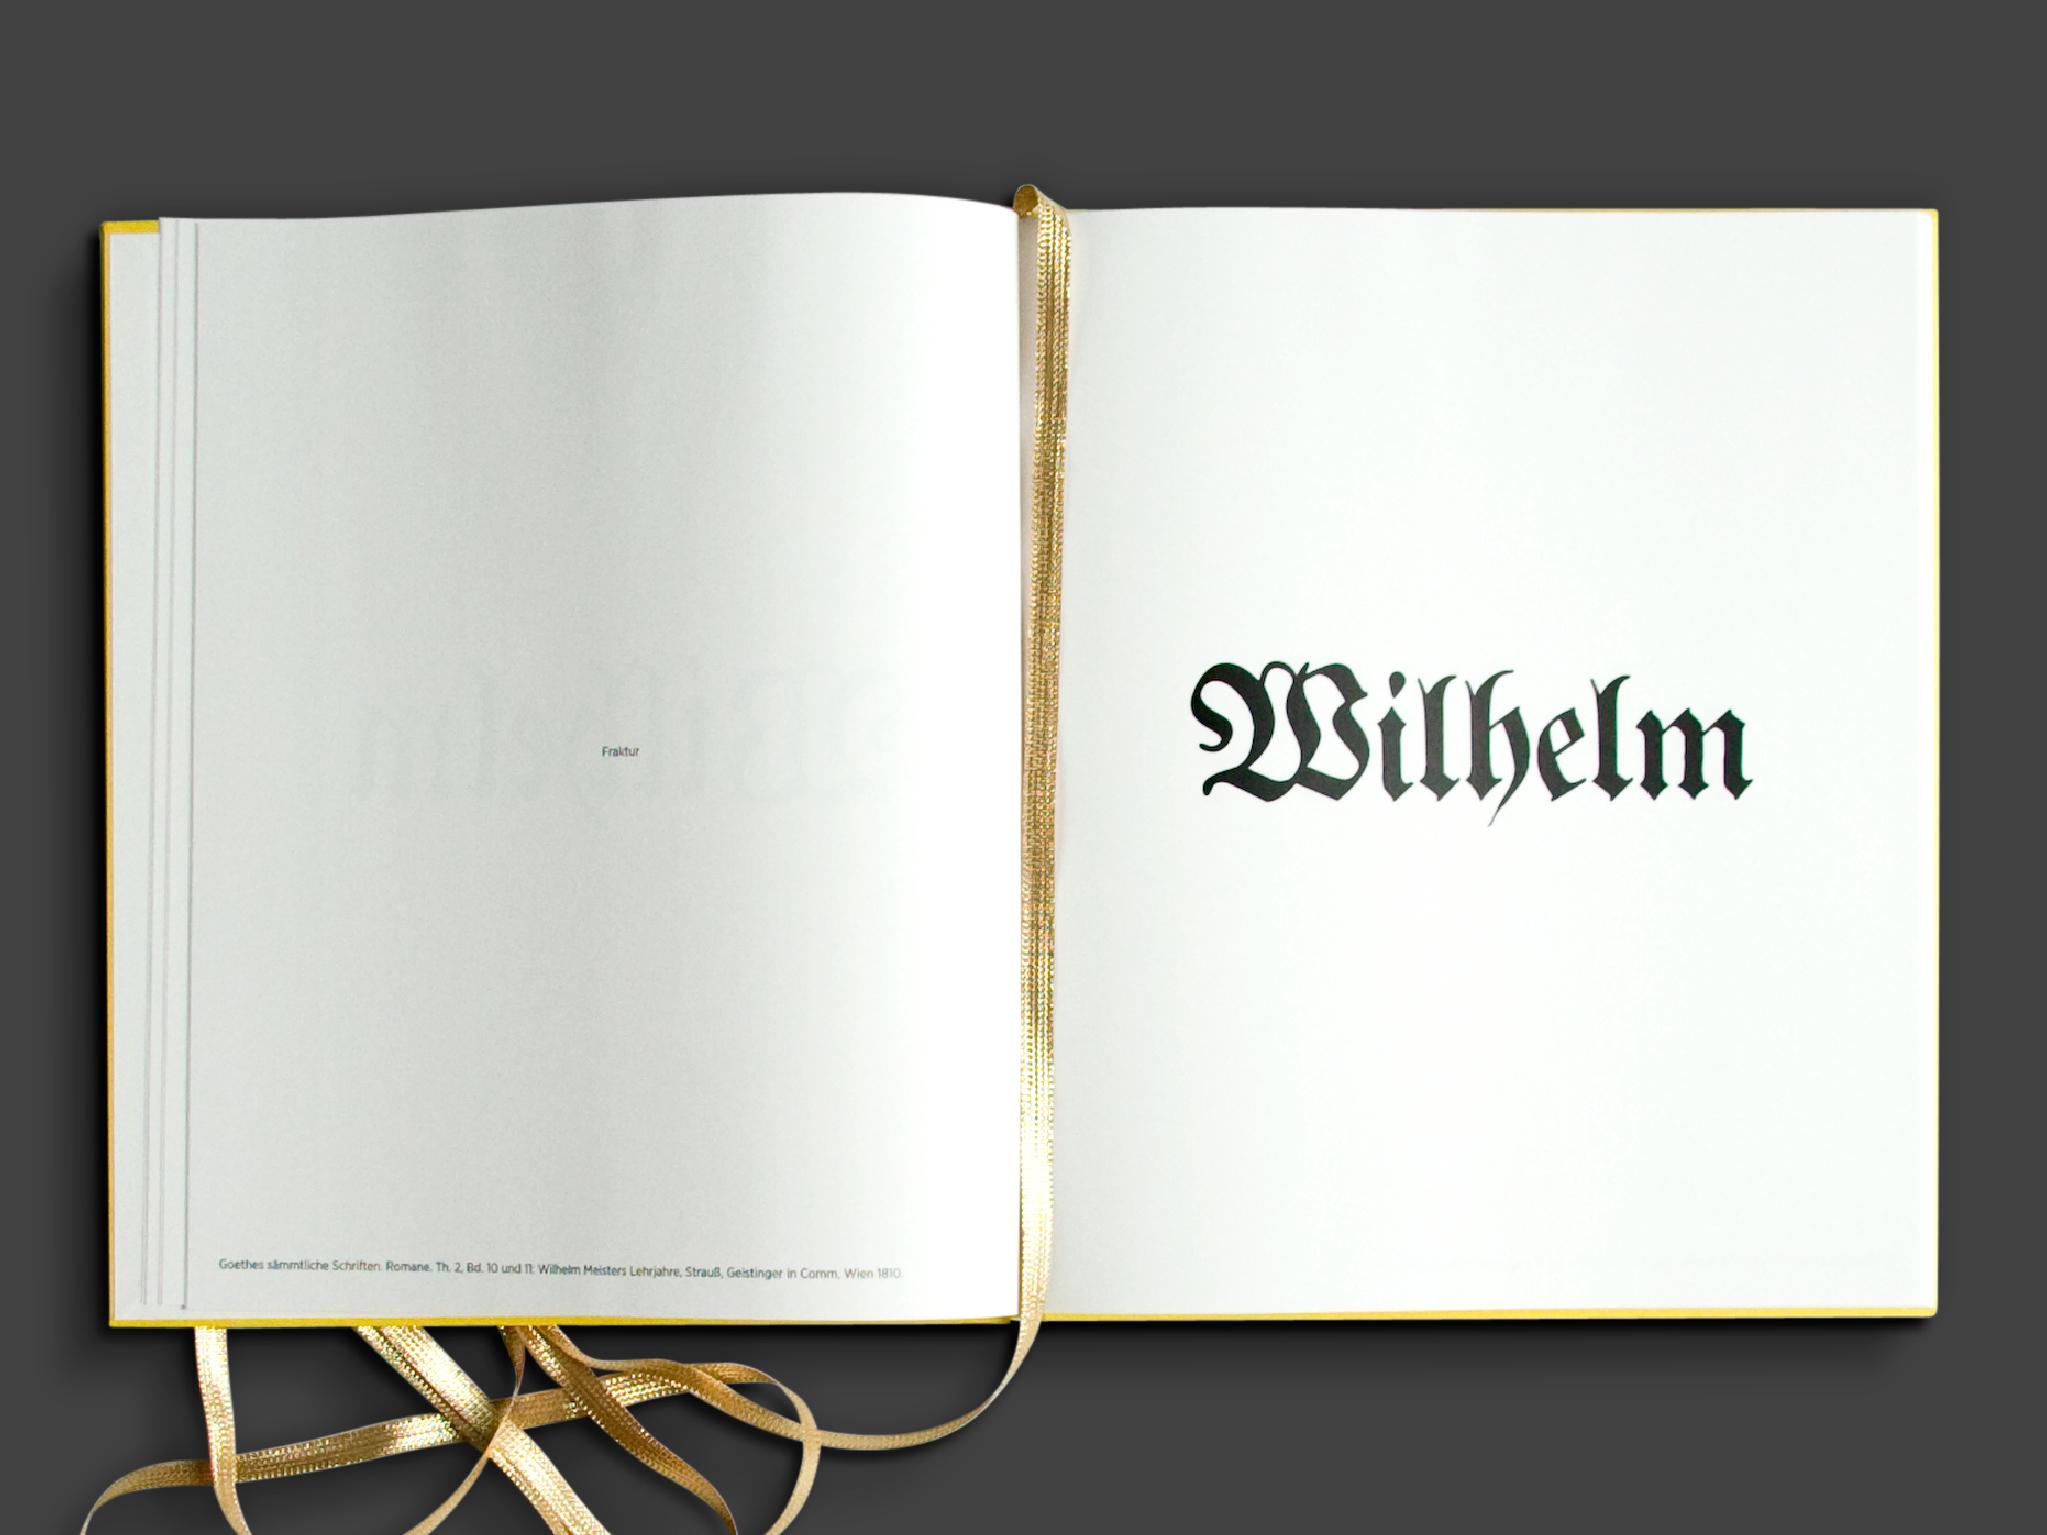 Showing Wilhelm Meister